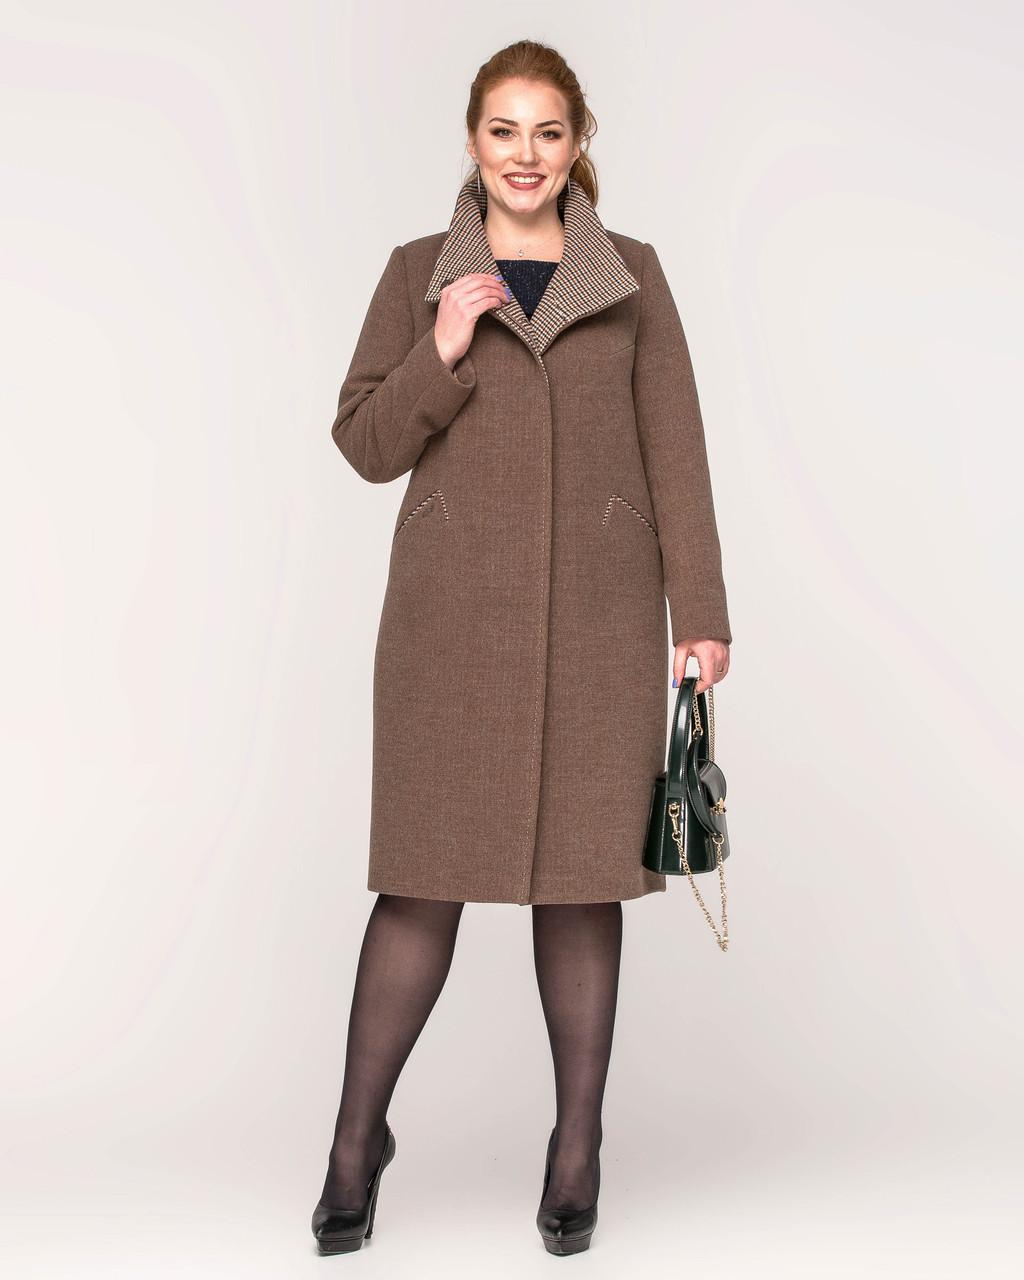 Модне пальто весна 2020 з 48 з 60 розмір